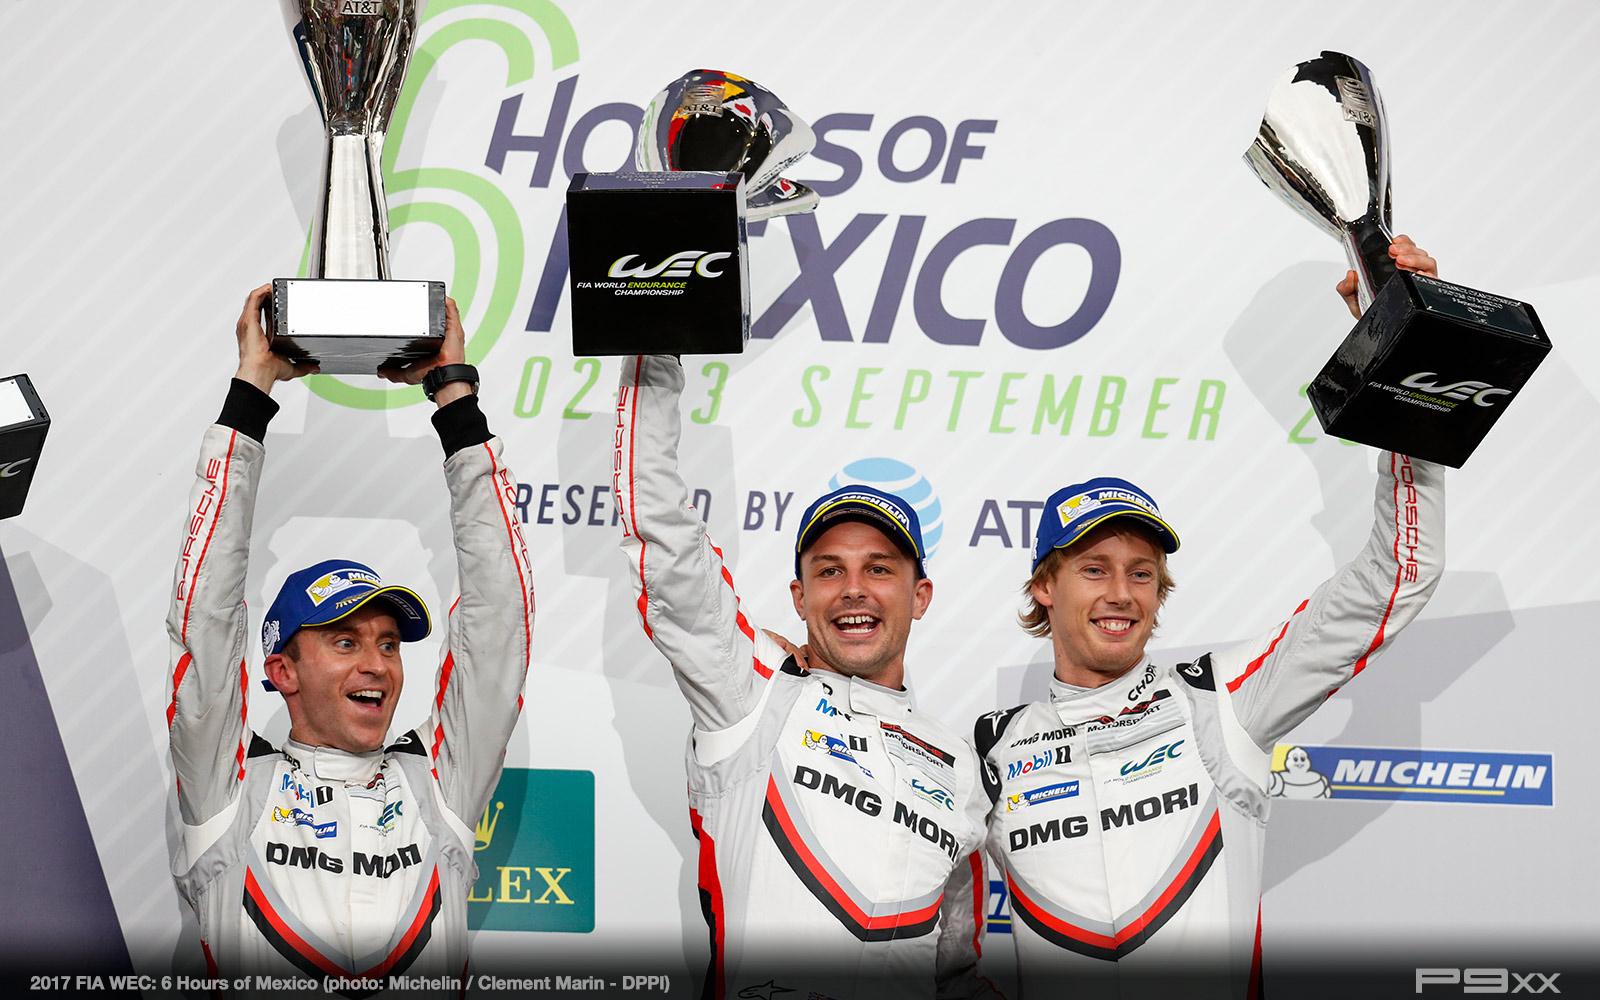 2017-FIA-WEC-6-HOURS-MEXICO-PORSCHE-exico_02117008__MP_99851225